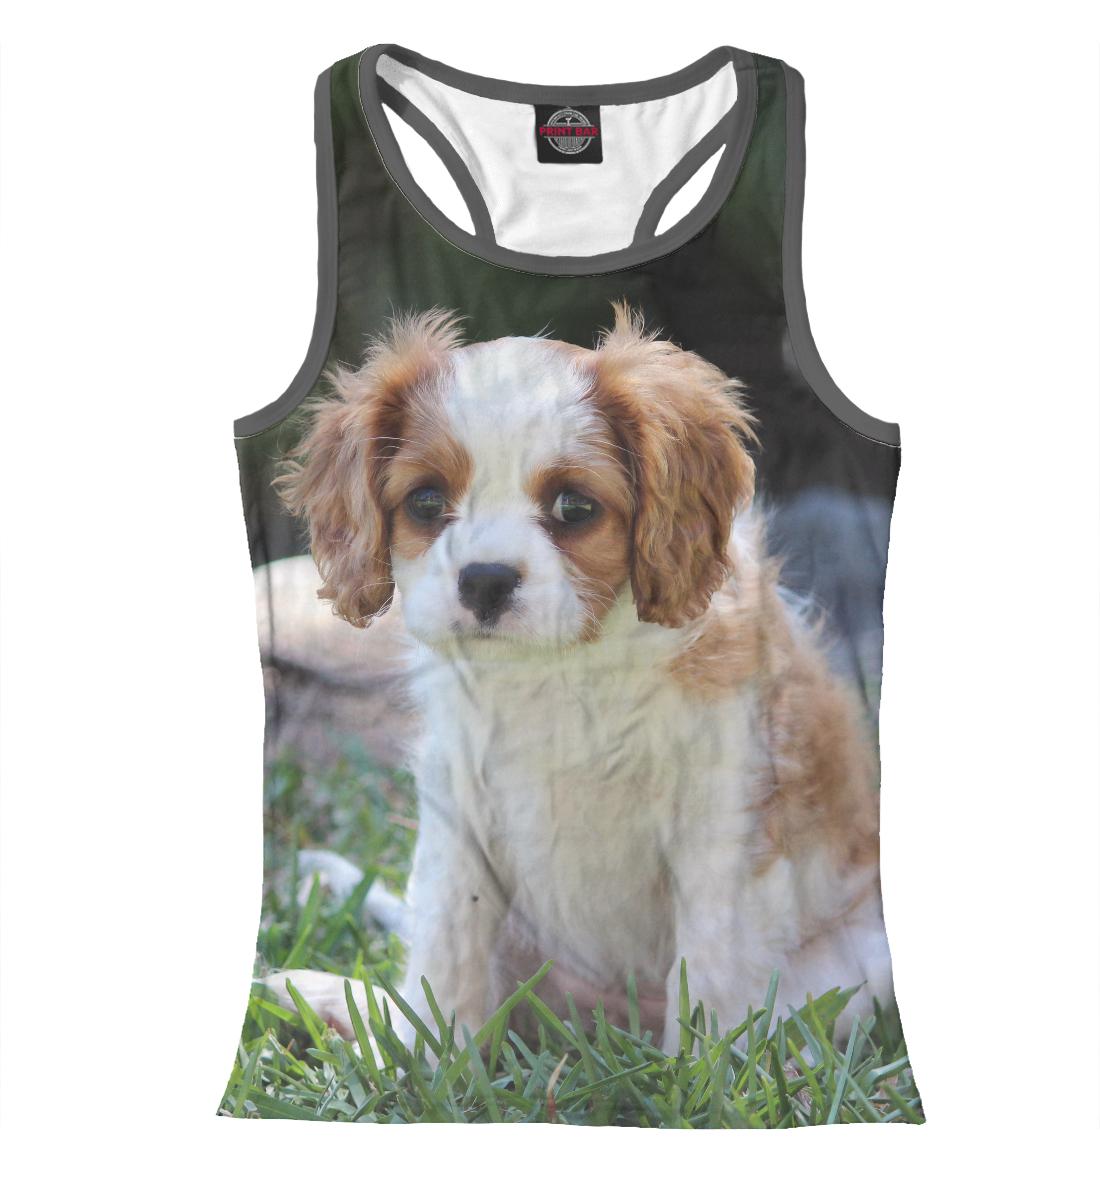 Купить Собака, Printbar, Майки борцовки, DOG-435706-mayb-1